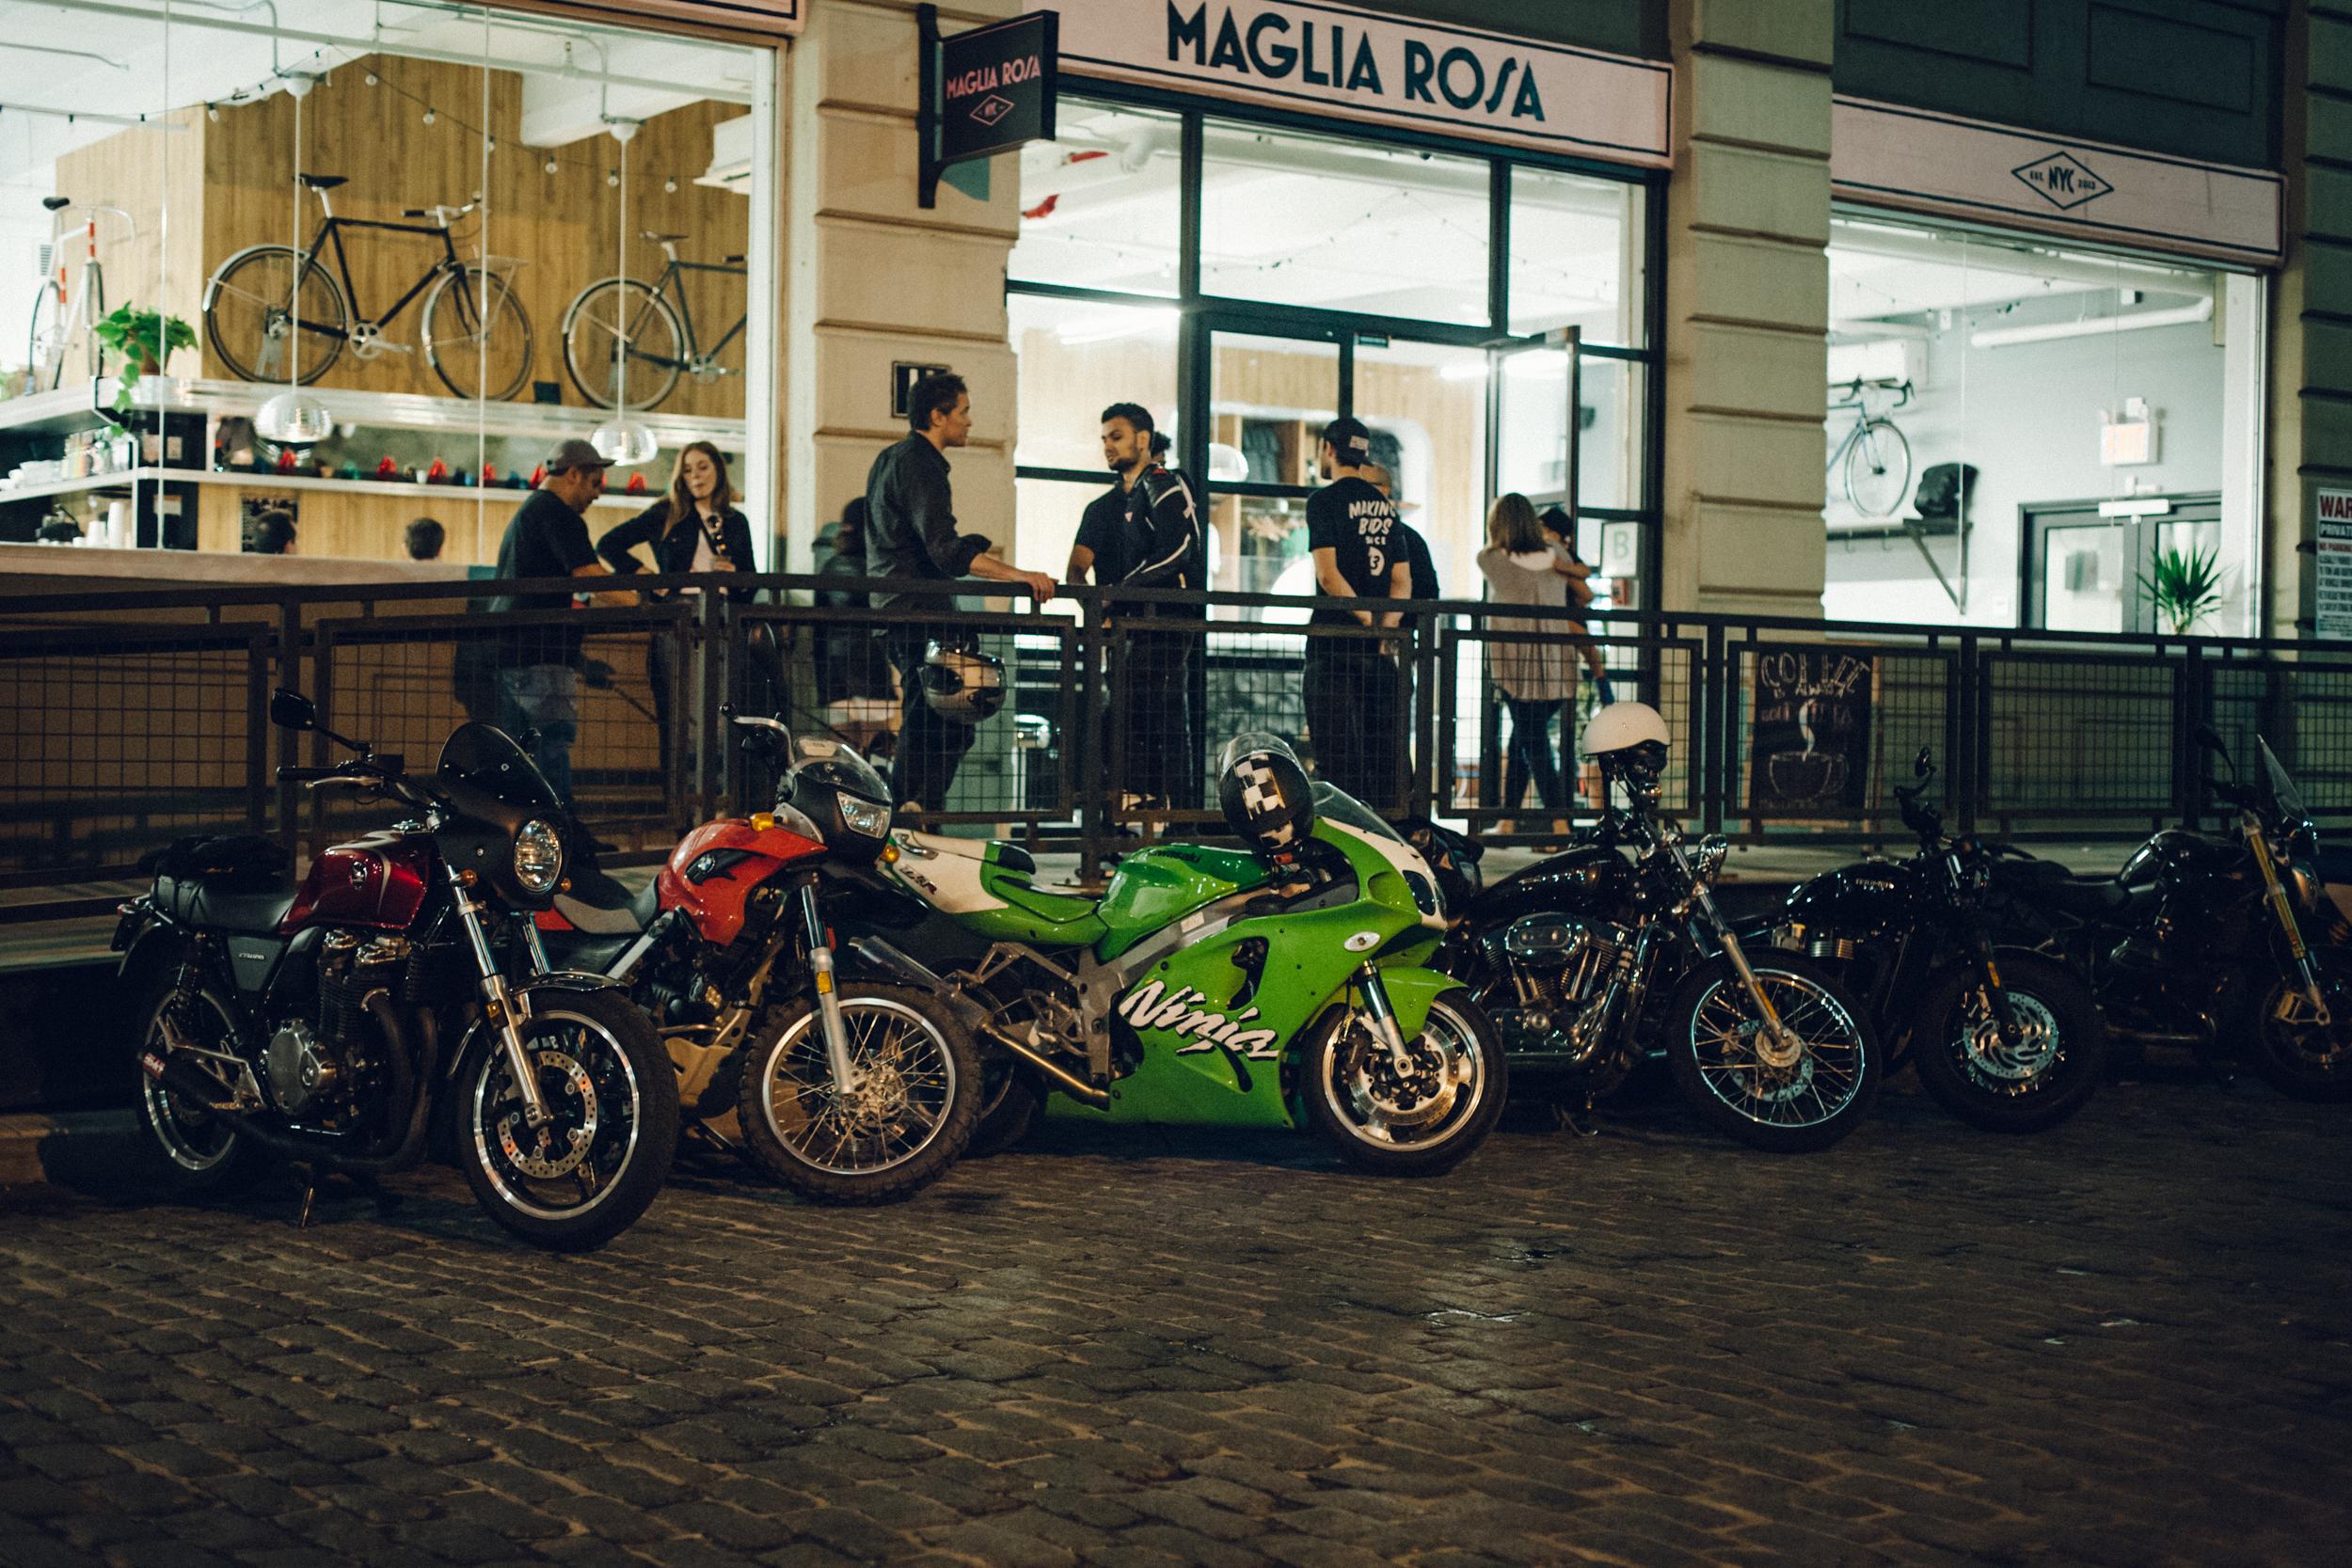 ViktorRadics_#TheMotoSocialNEWYORK_May_3_2018_MagliaRosa_IMG_6151.jpg